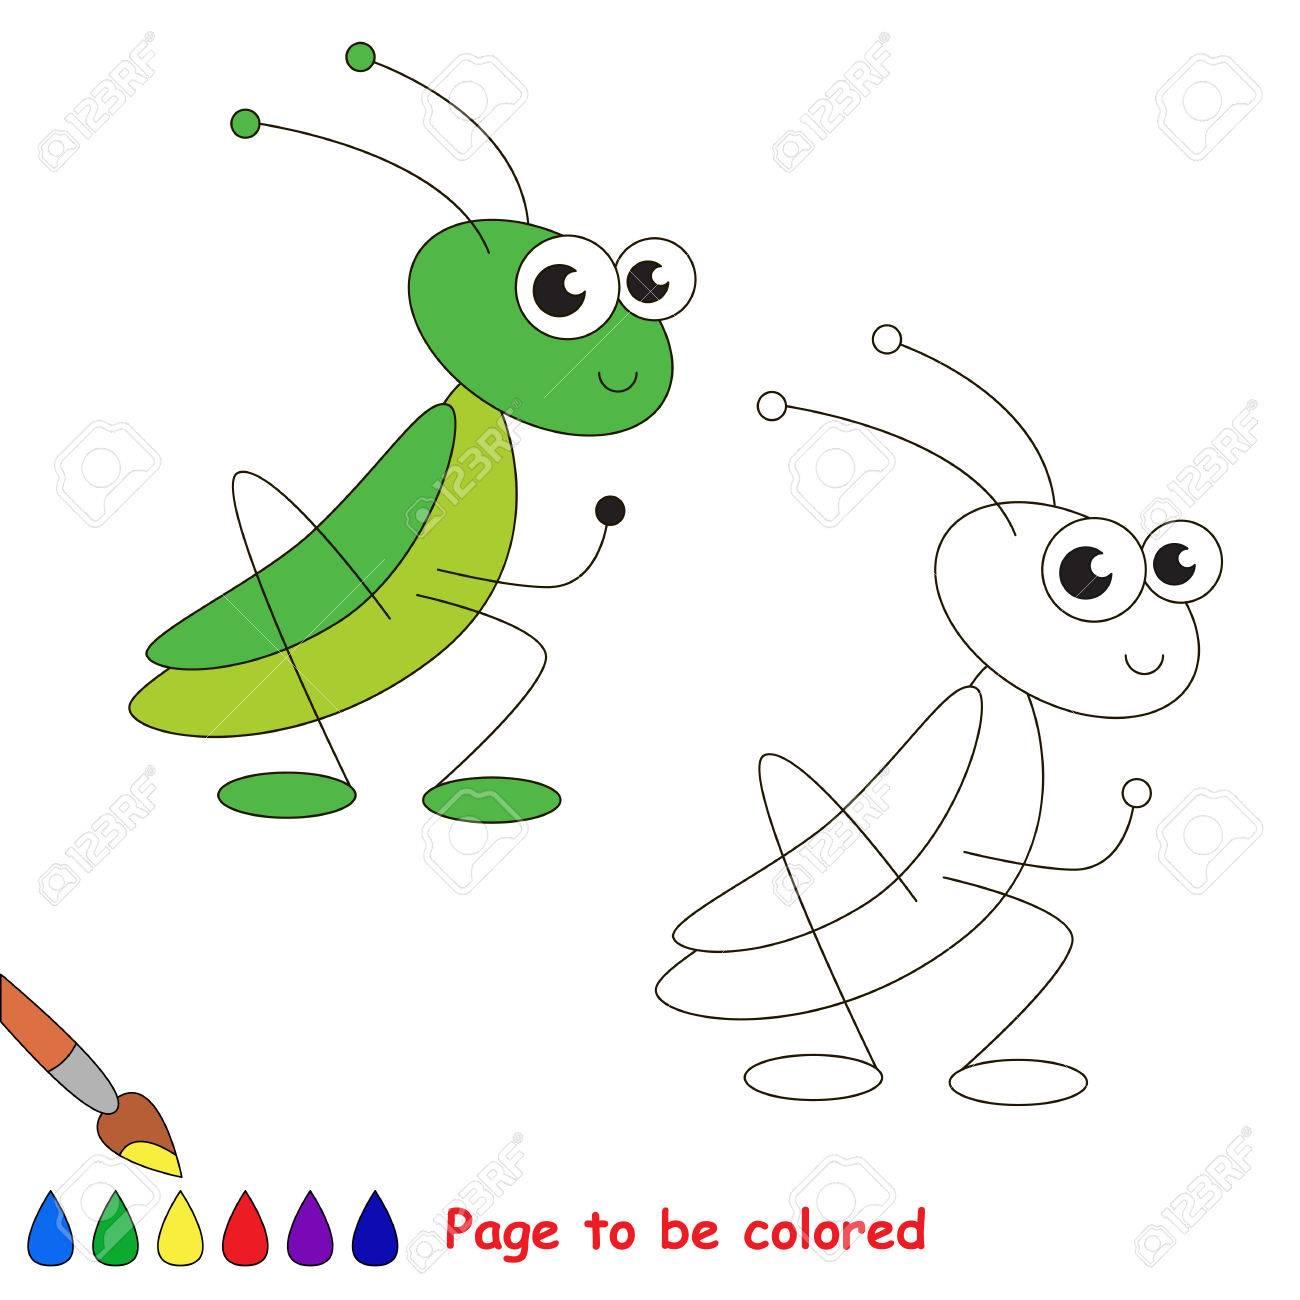 El Saltamontes A Ser De Color Libro De Colorante Para Los Niños Juego Visual